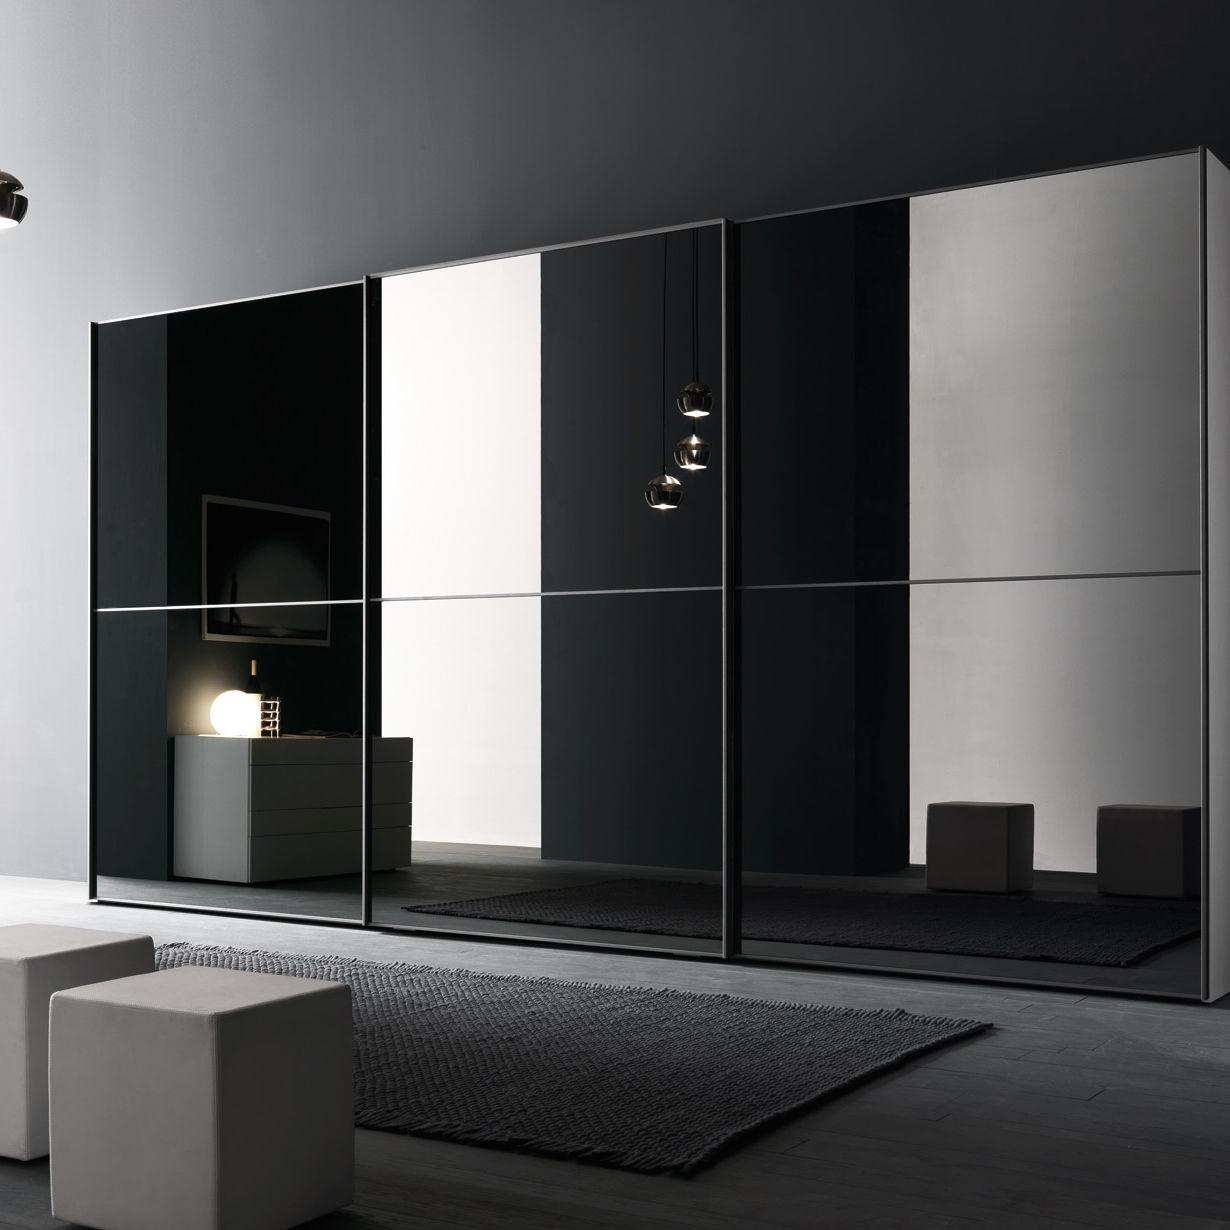 Armadio moderno / in vetro / con porta scorrevole / a specchio ...